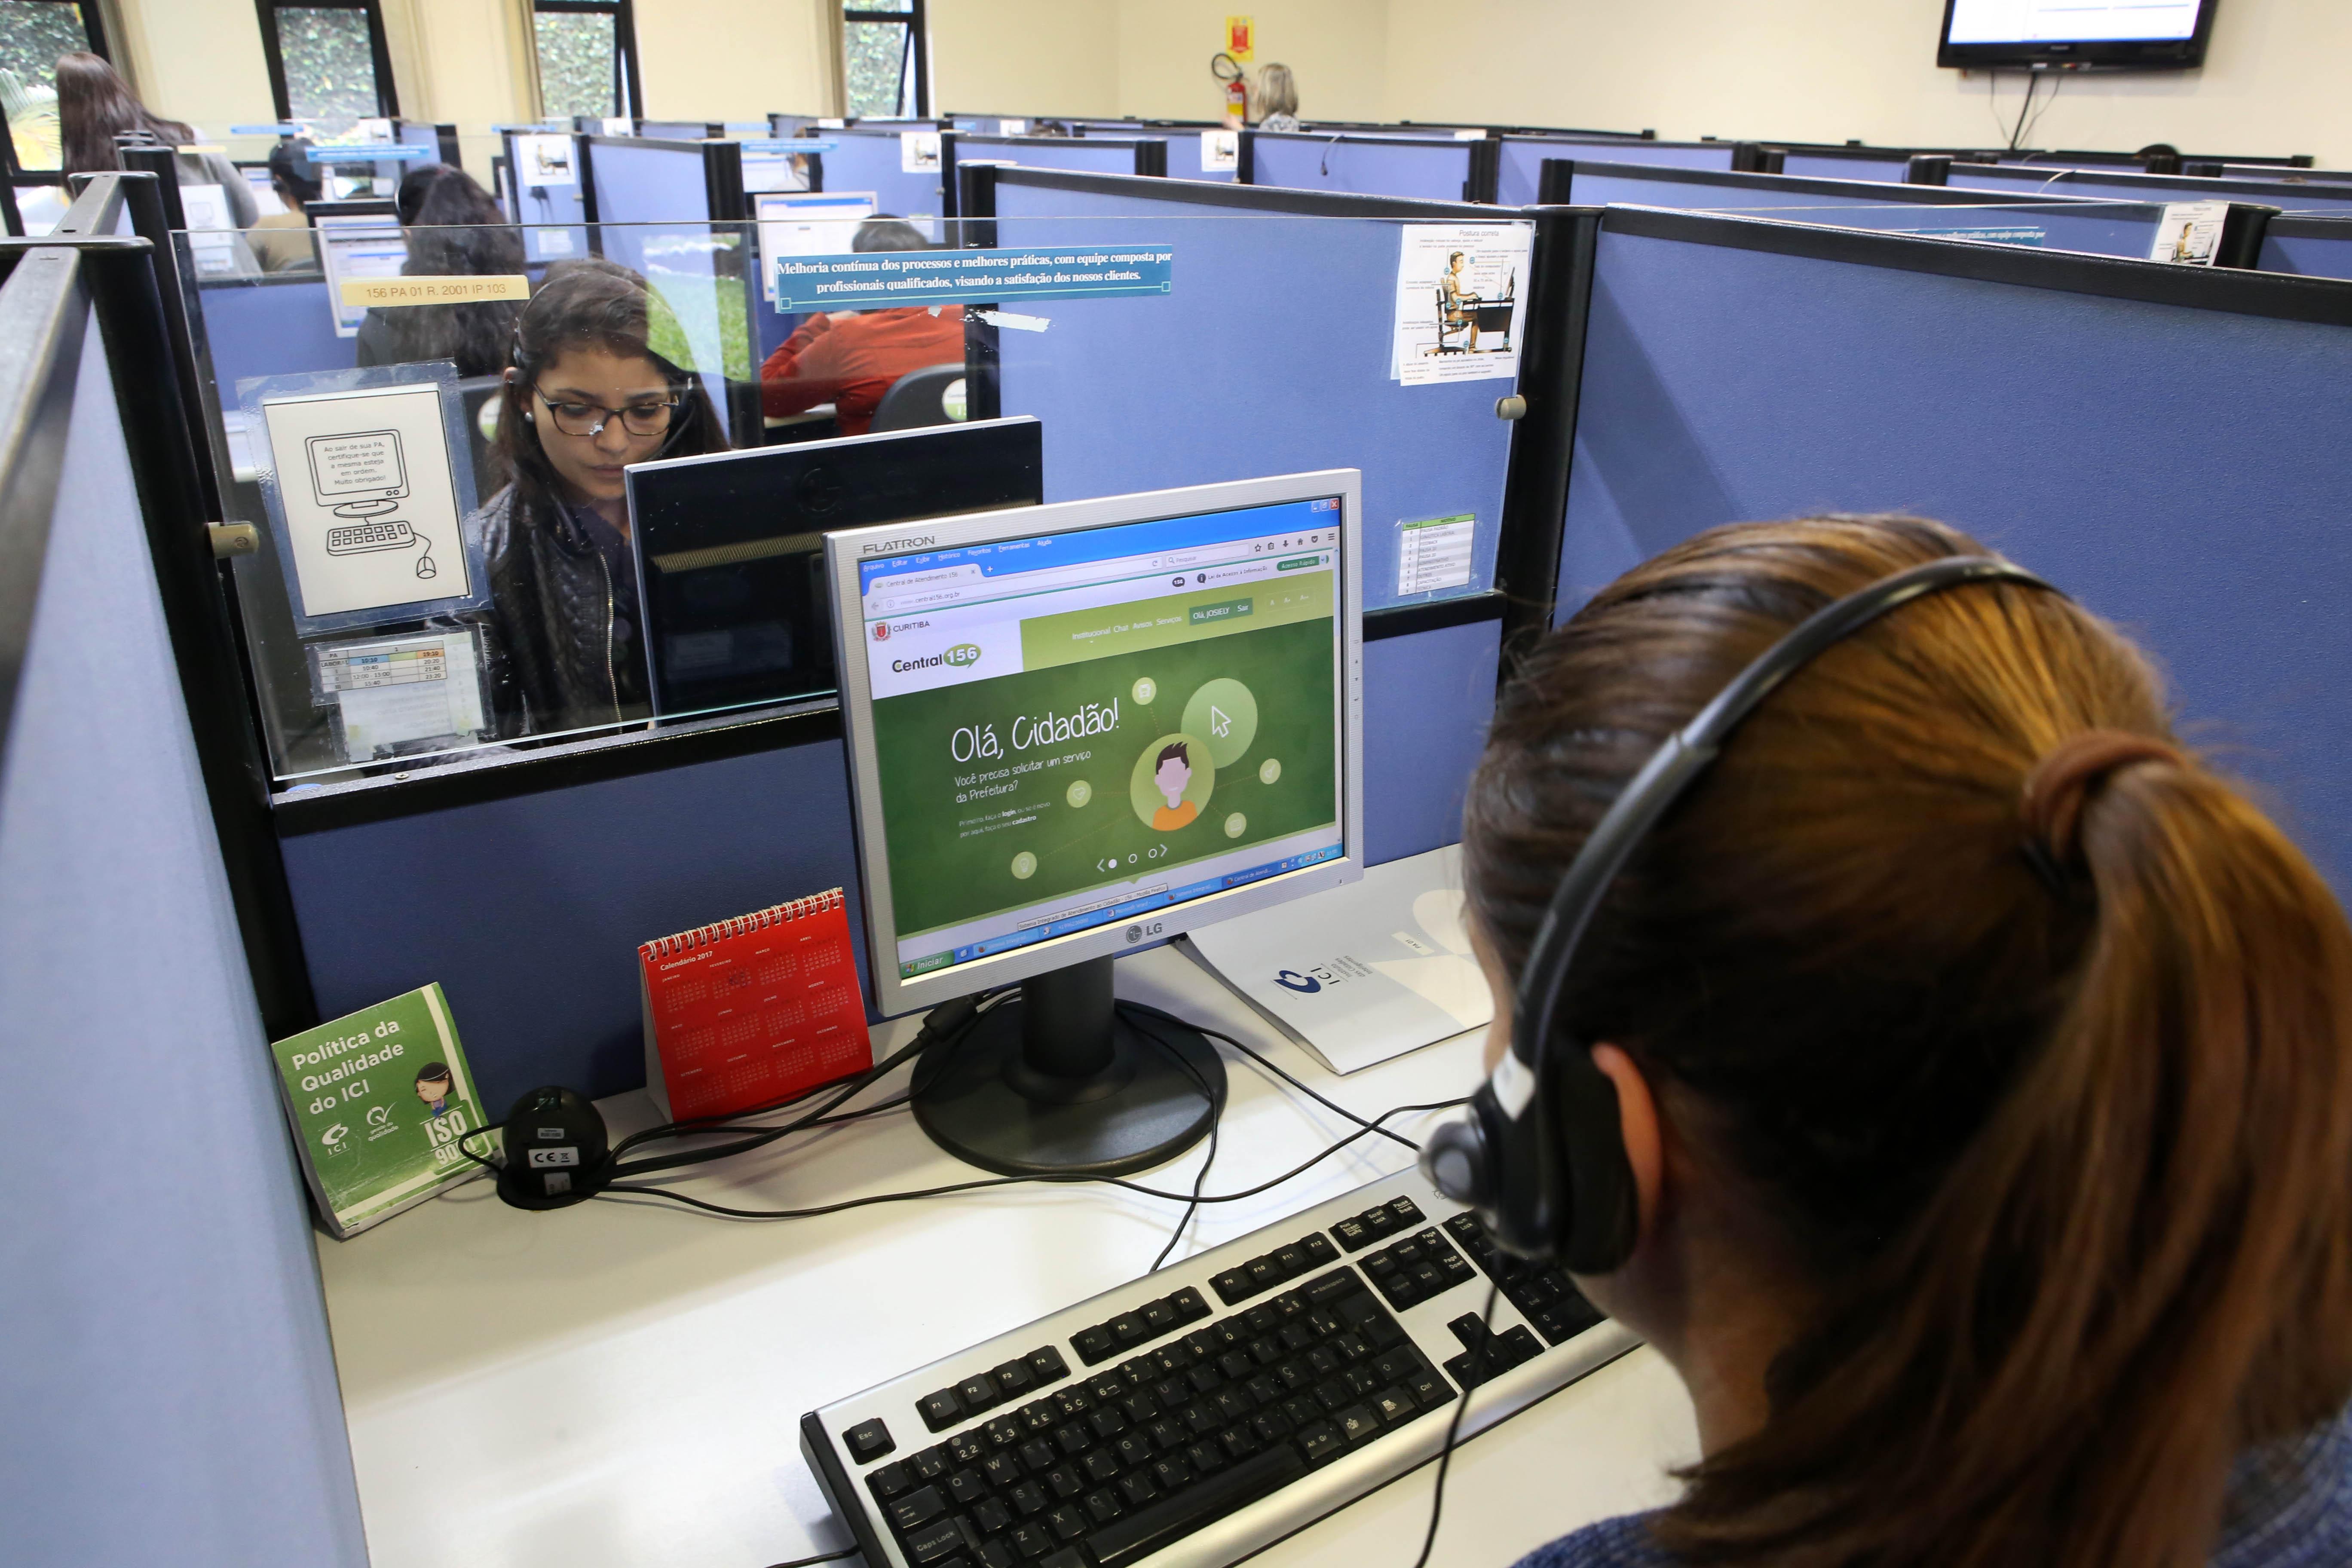 Trabalho - geral - mulher trabalhadora feminina gênero mercado telemarketing